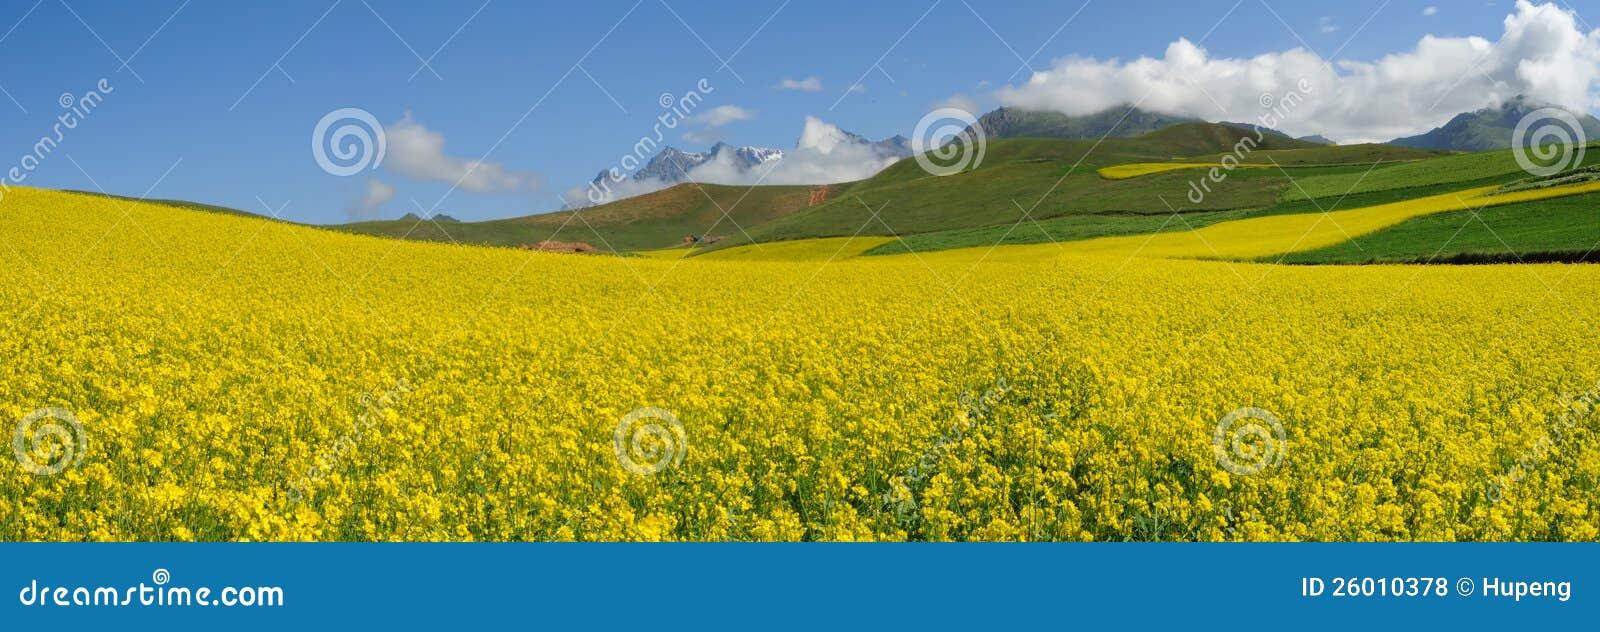 seed field under blue sky